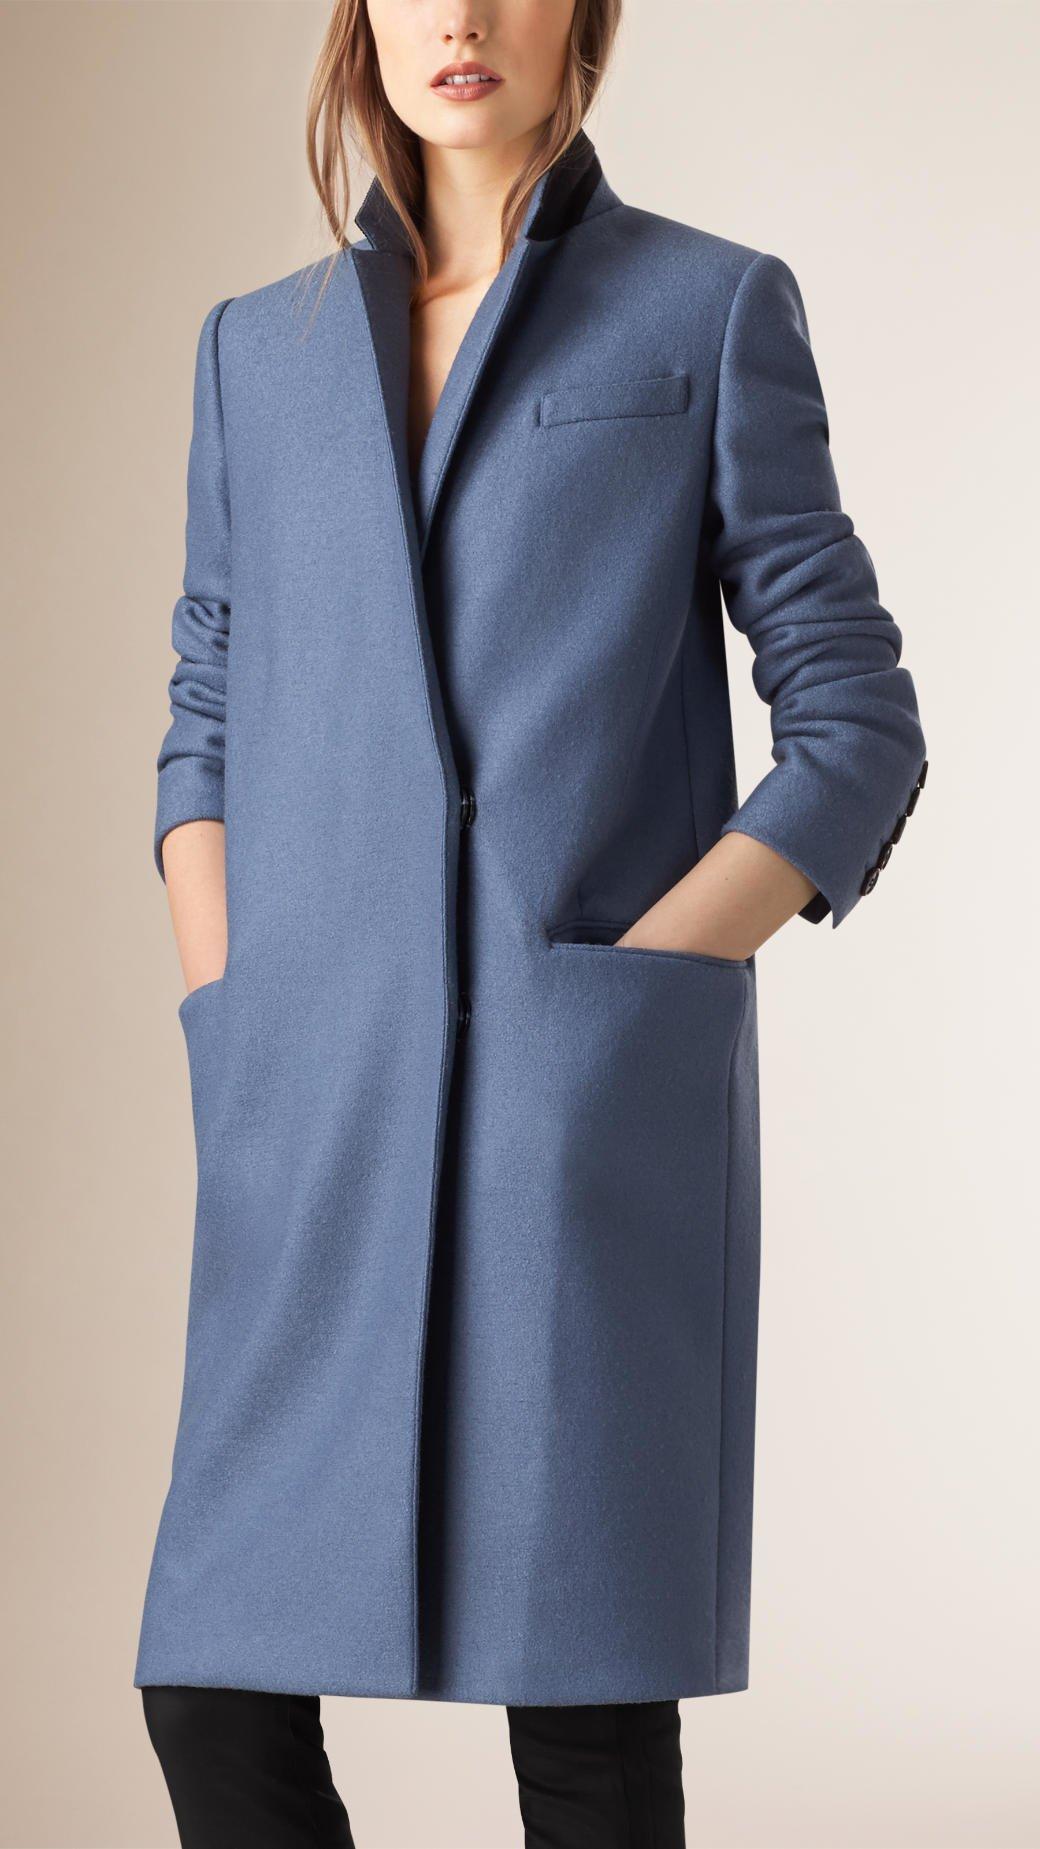 Burberry Oversize Wool Blazer Coat in Blue | Lyst